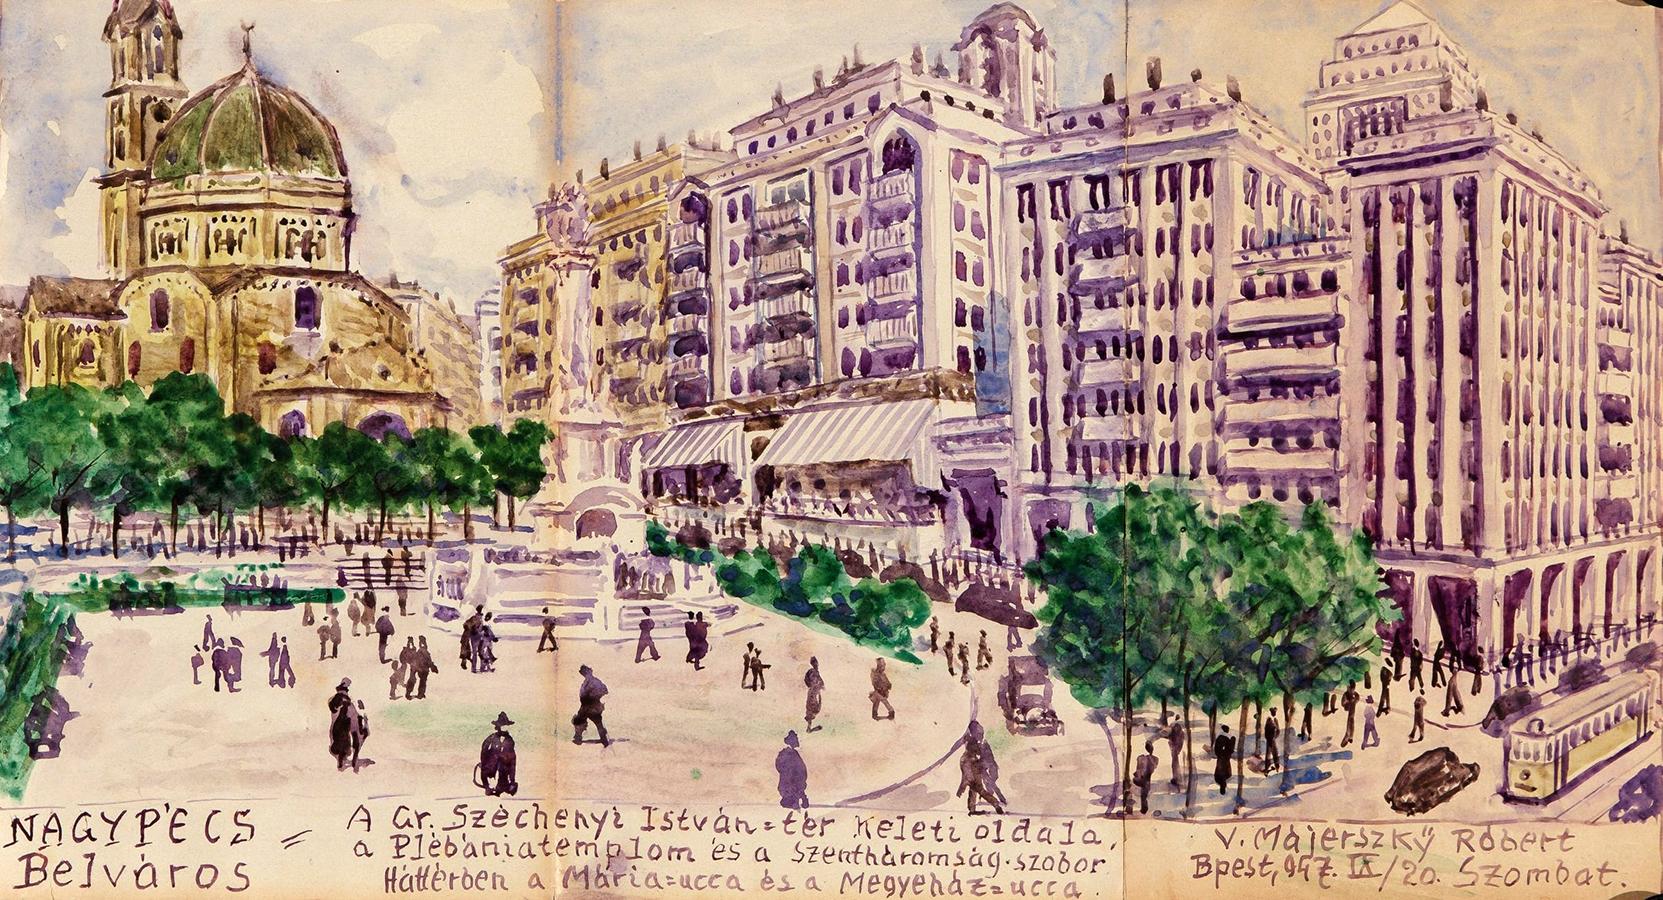 Pécs megapolisz 'Belváros' kerülete. A Széchenyi tér a dzsámival. (Forrás: Janus Pannonius Múzeum)